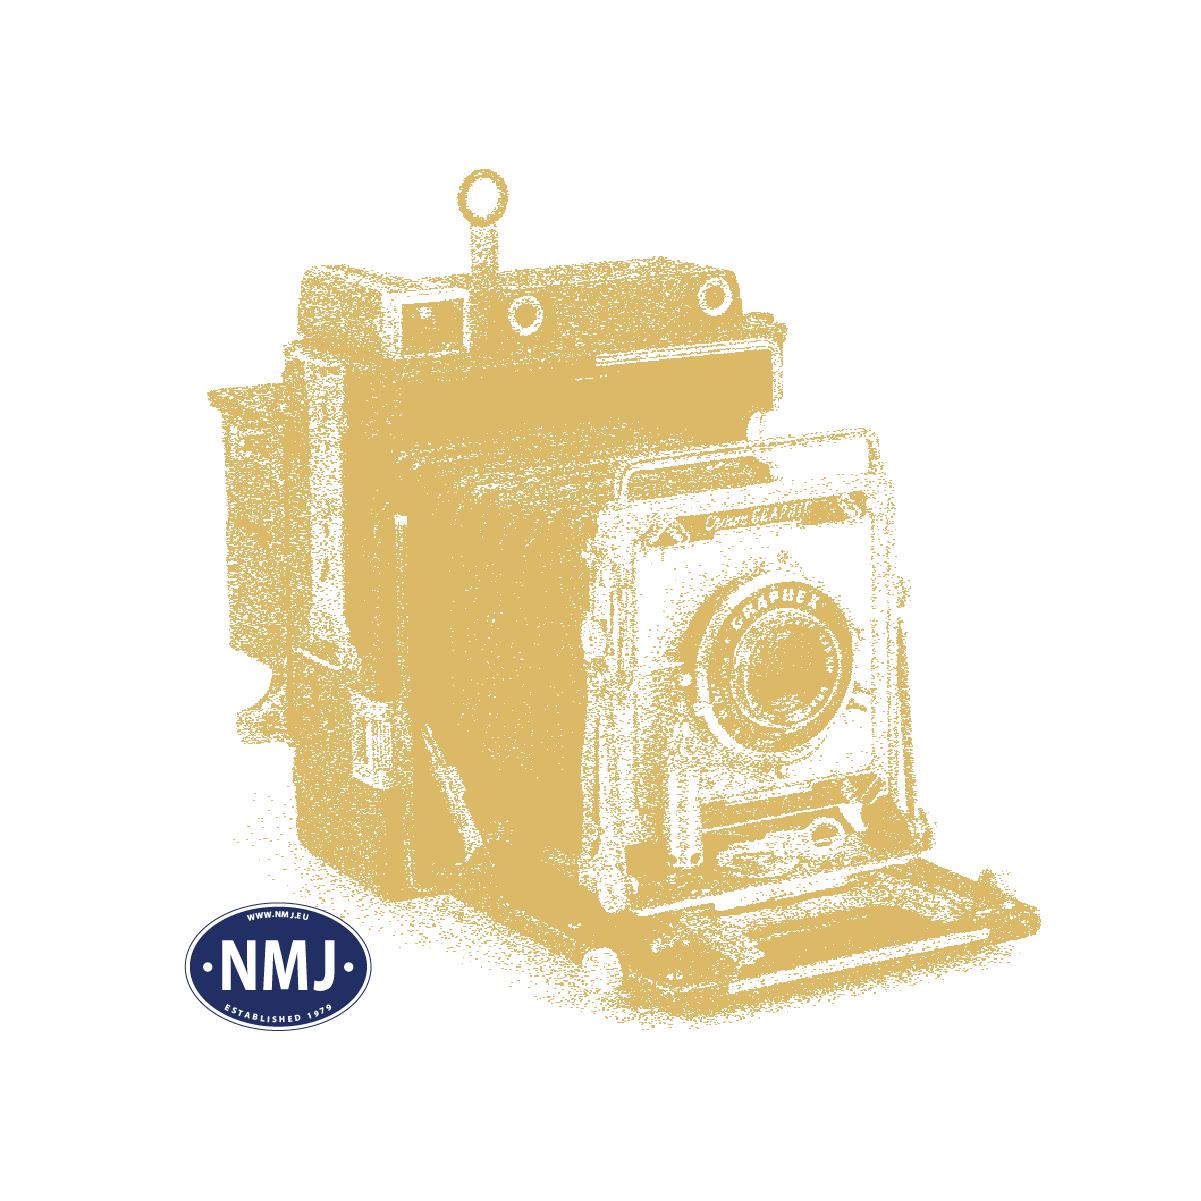 NMJT409.101 - H-Start Personvogn Ao 19-37 075-1, 1. Klasse, m/ LED Interiørlys